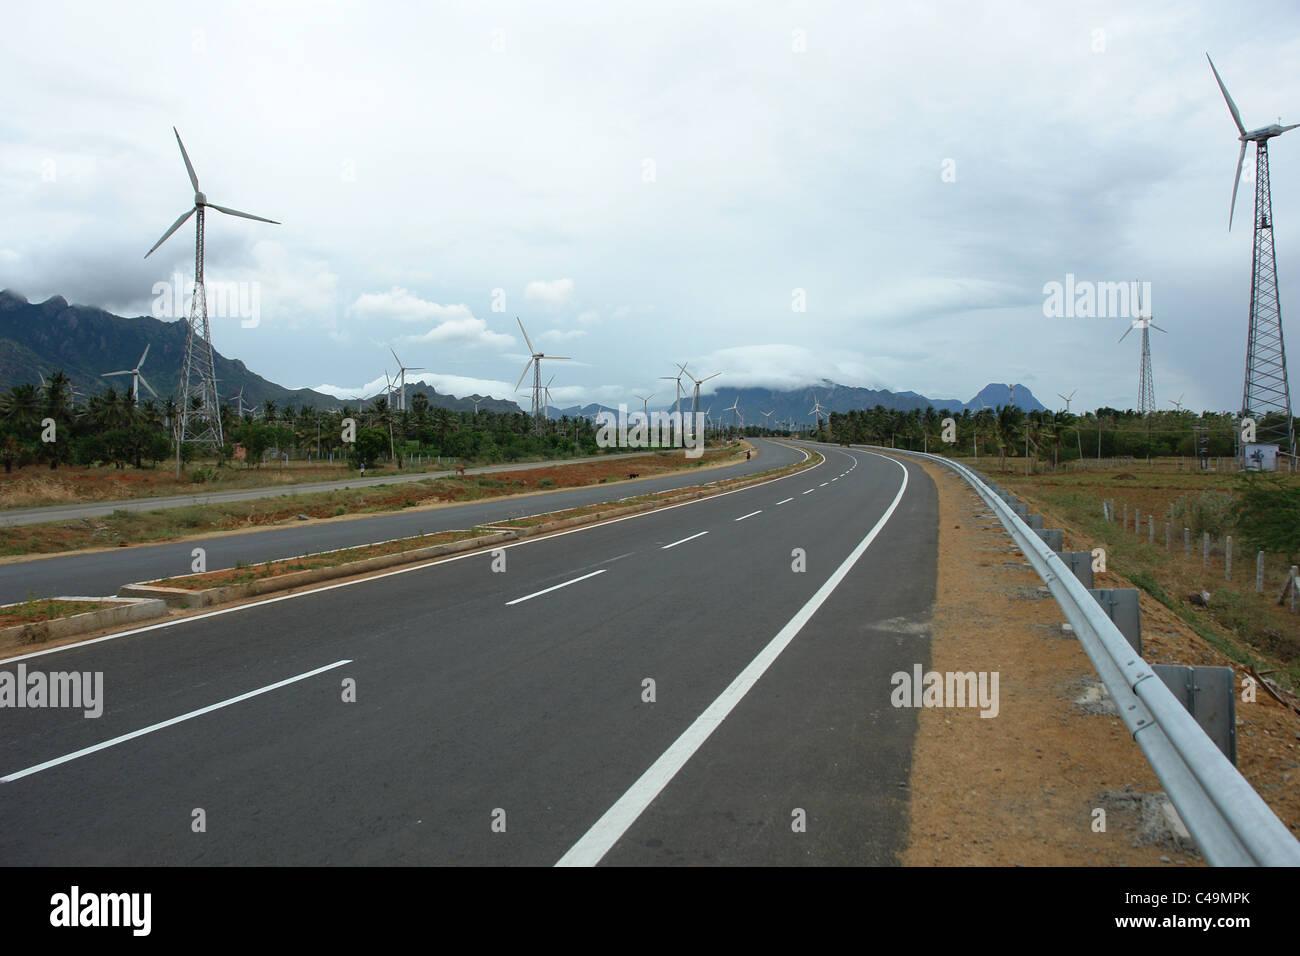 La autopista, el viento, la energía eólica, ventilador del molino de viento Imagen De Stock